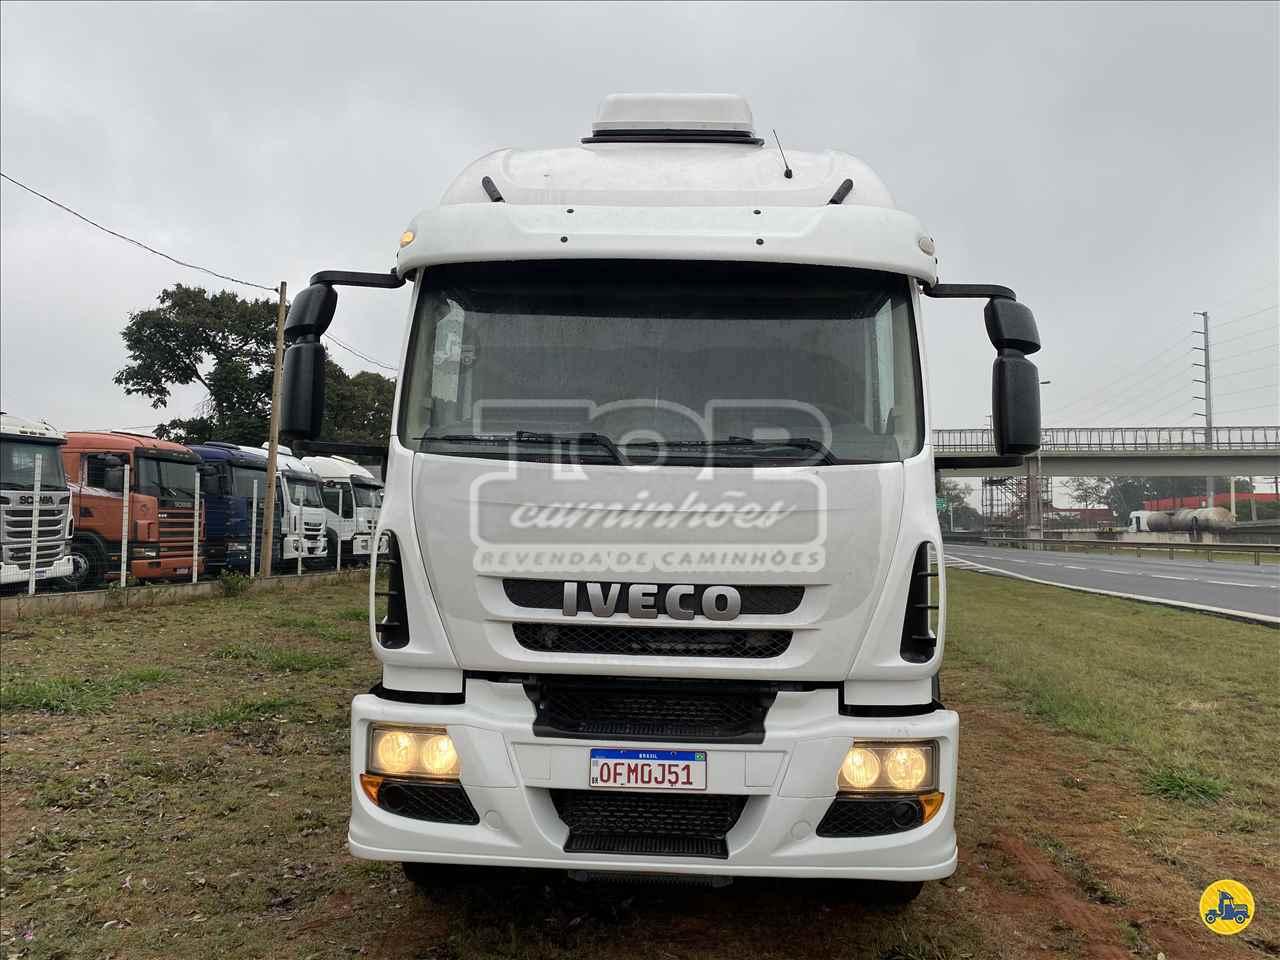 CURSOR 450E33 de Top Caminhões SP  - LIMEIRA/SP